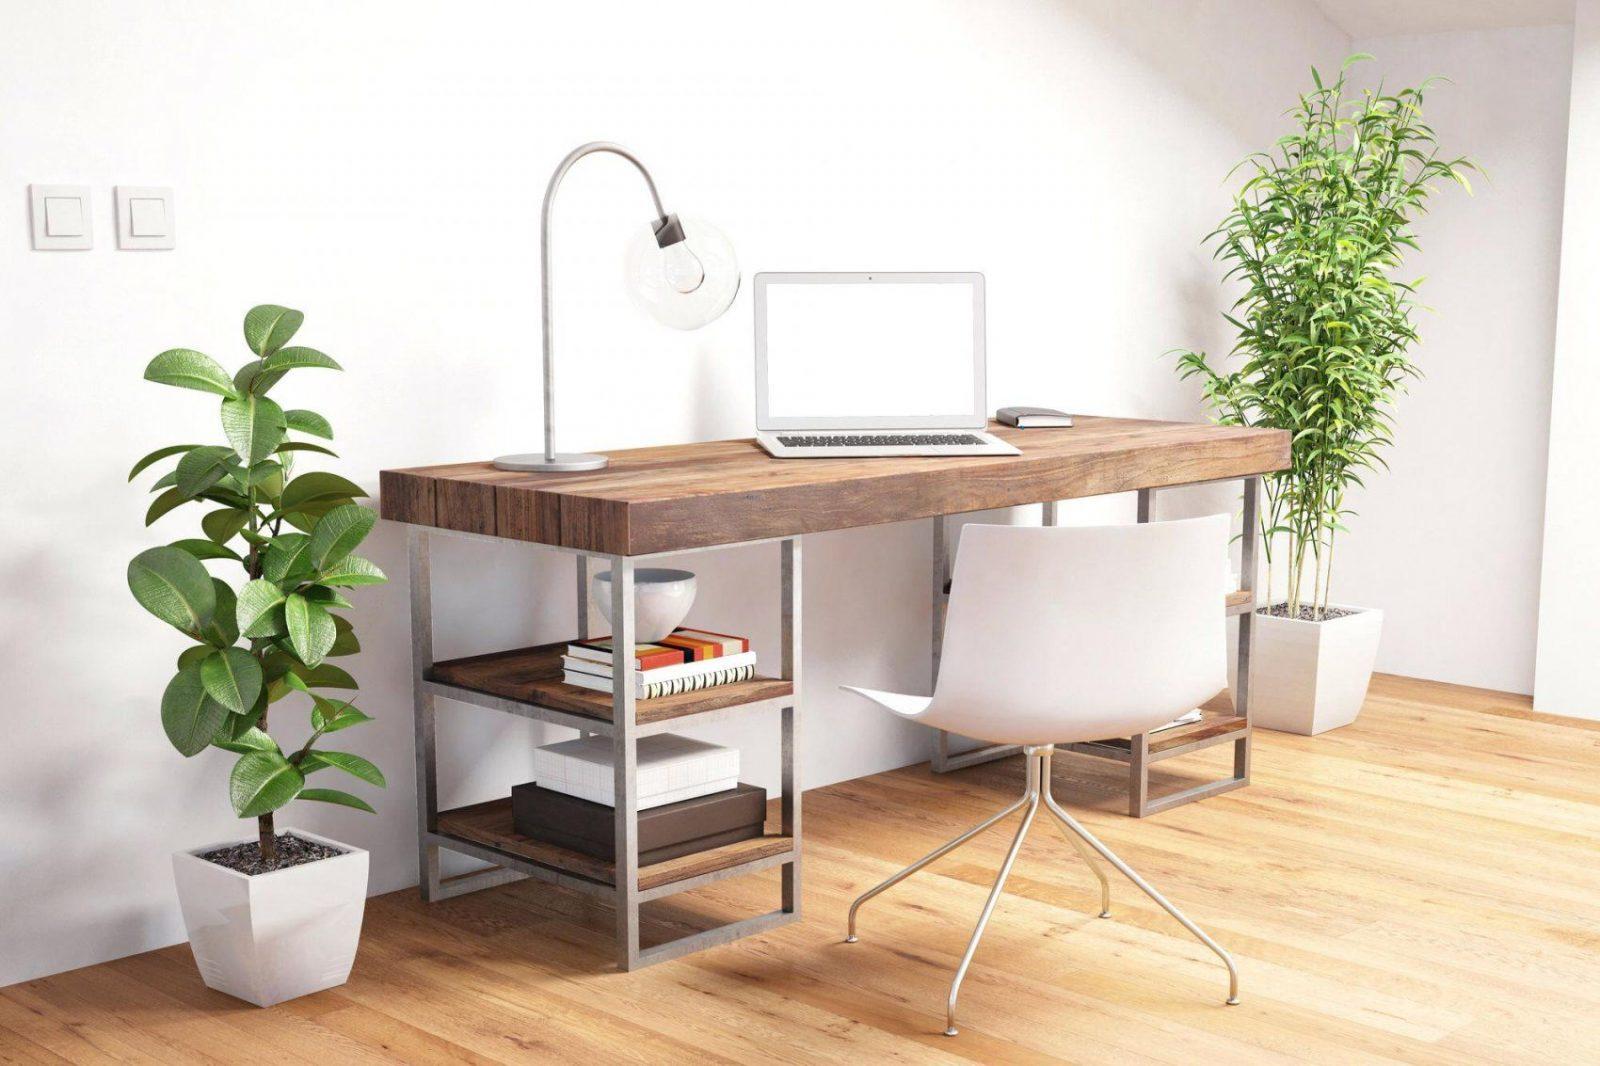 elegantes kleines b ro einrichten arbeitszimmer einrichten kleines von kleines b ro sinnvoll. Black Bedroom Furniture Sets. Home Design Ideas